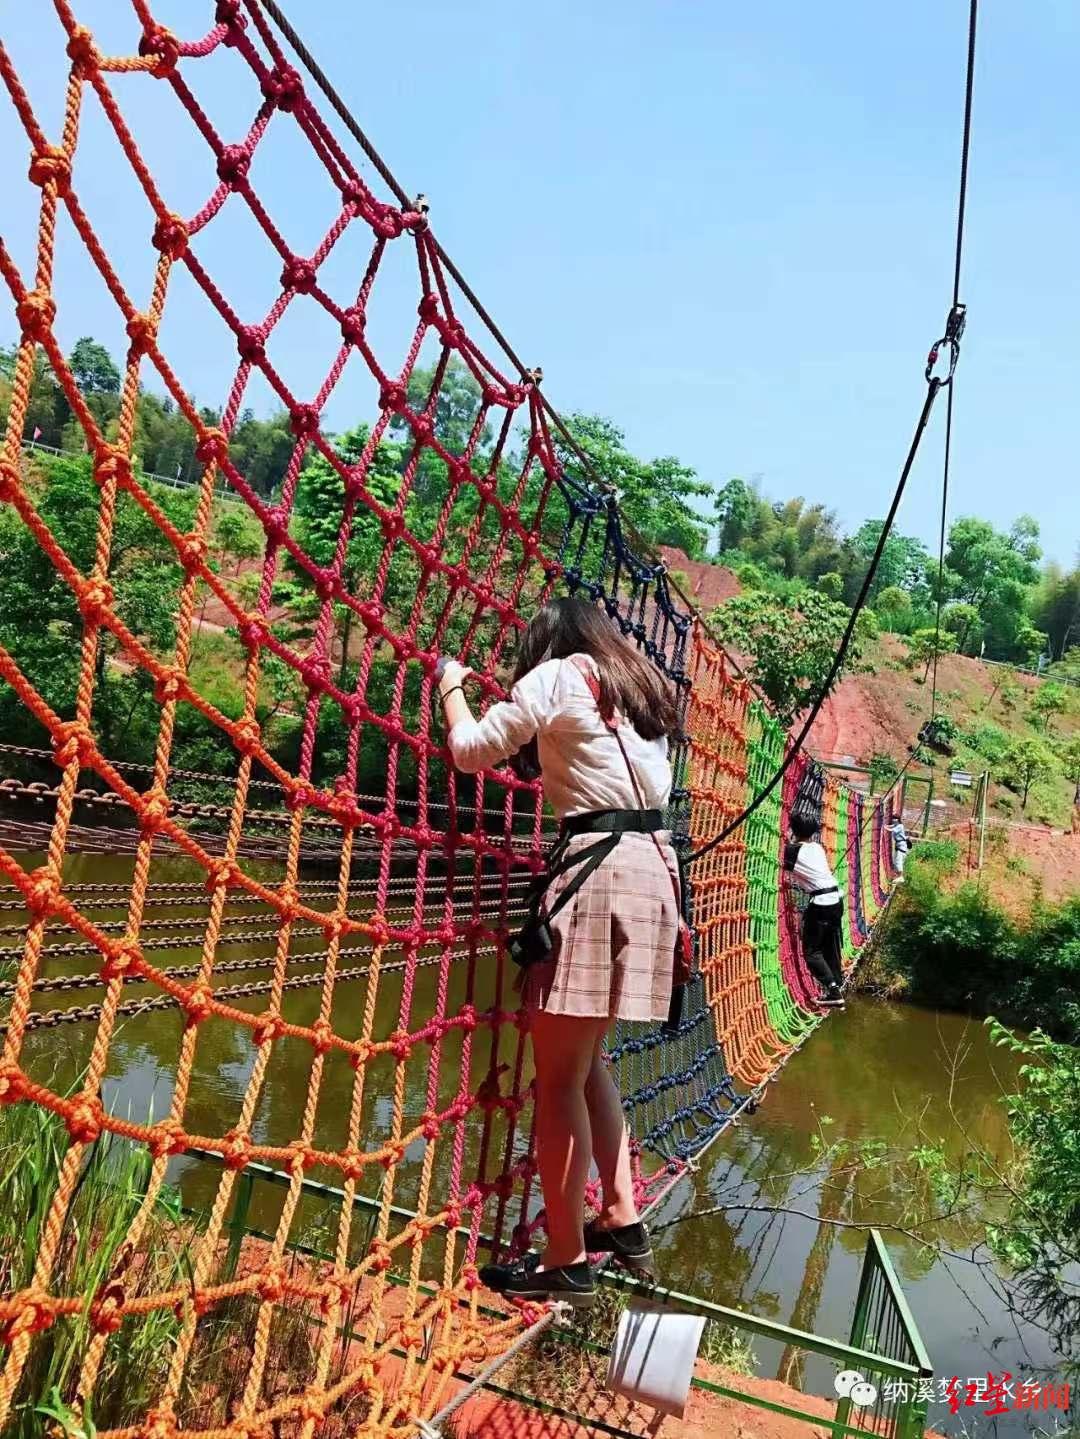 四川一公司组织员工水上拓展运动致3死1伤 警方通报